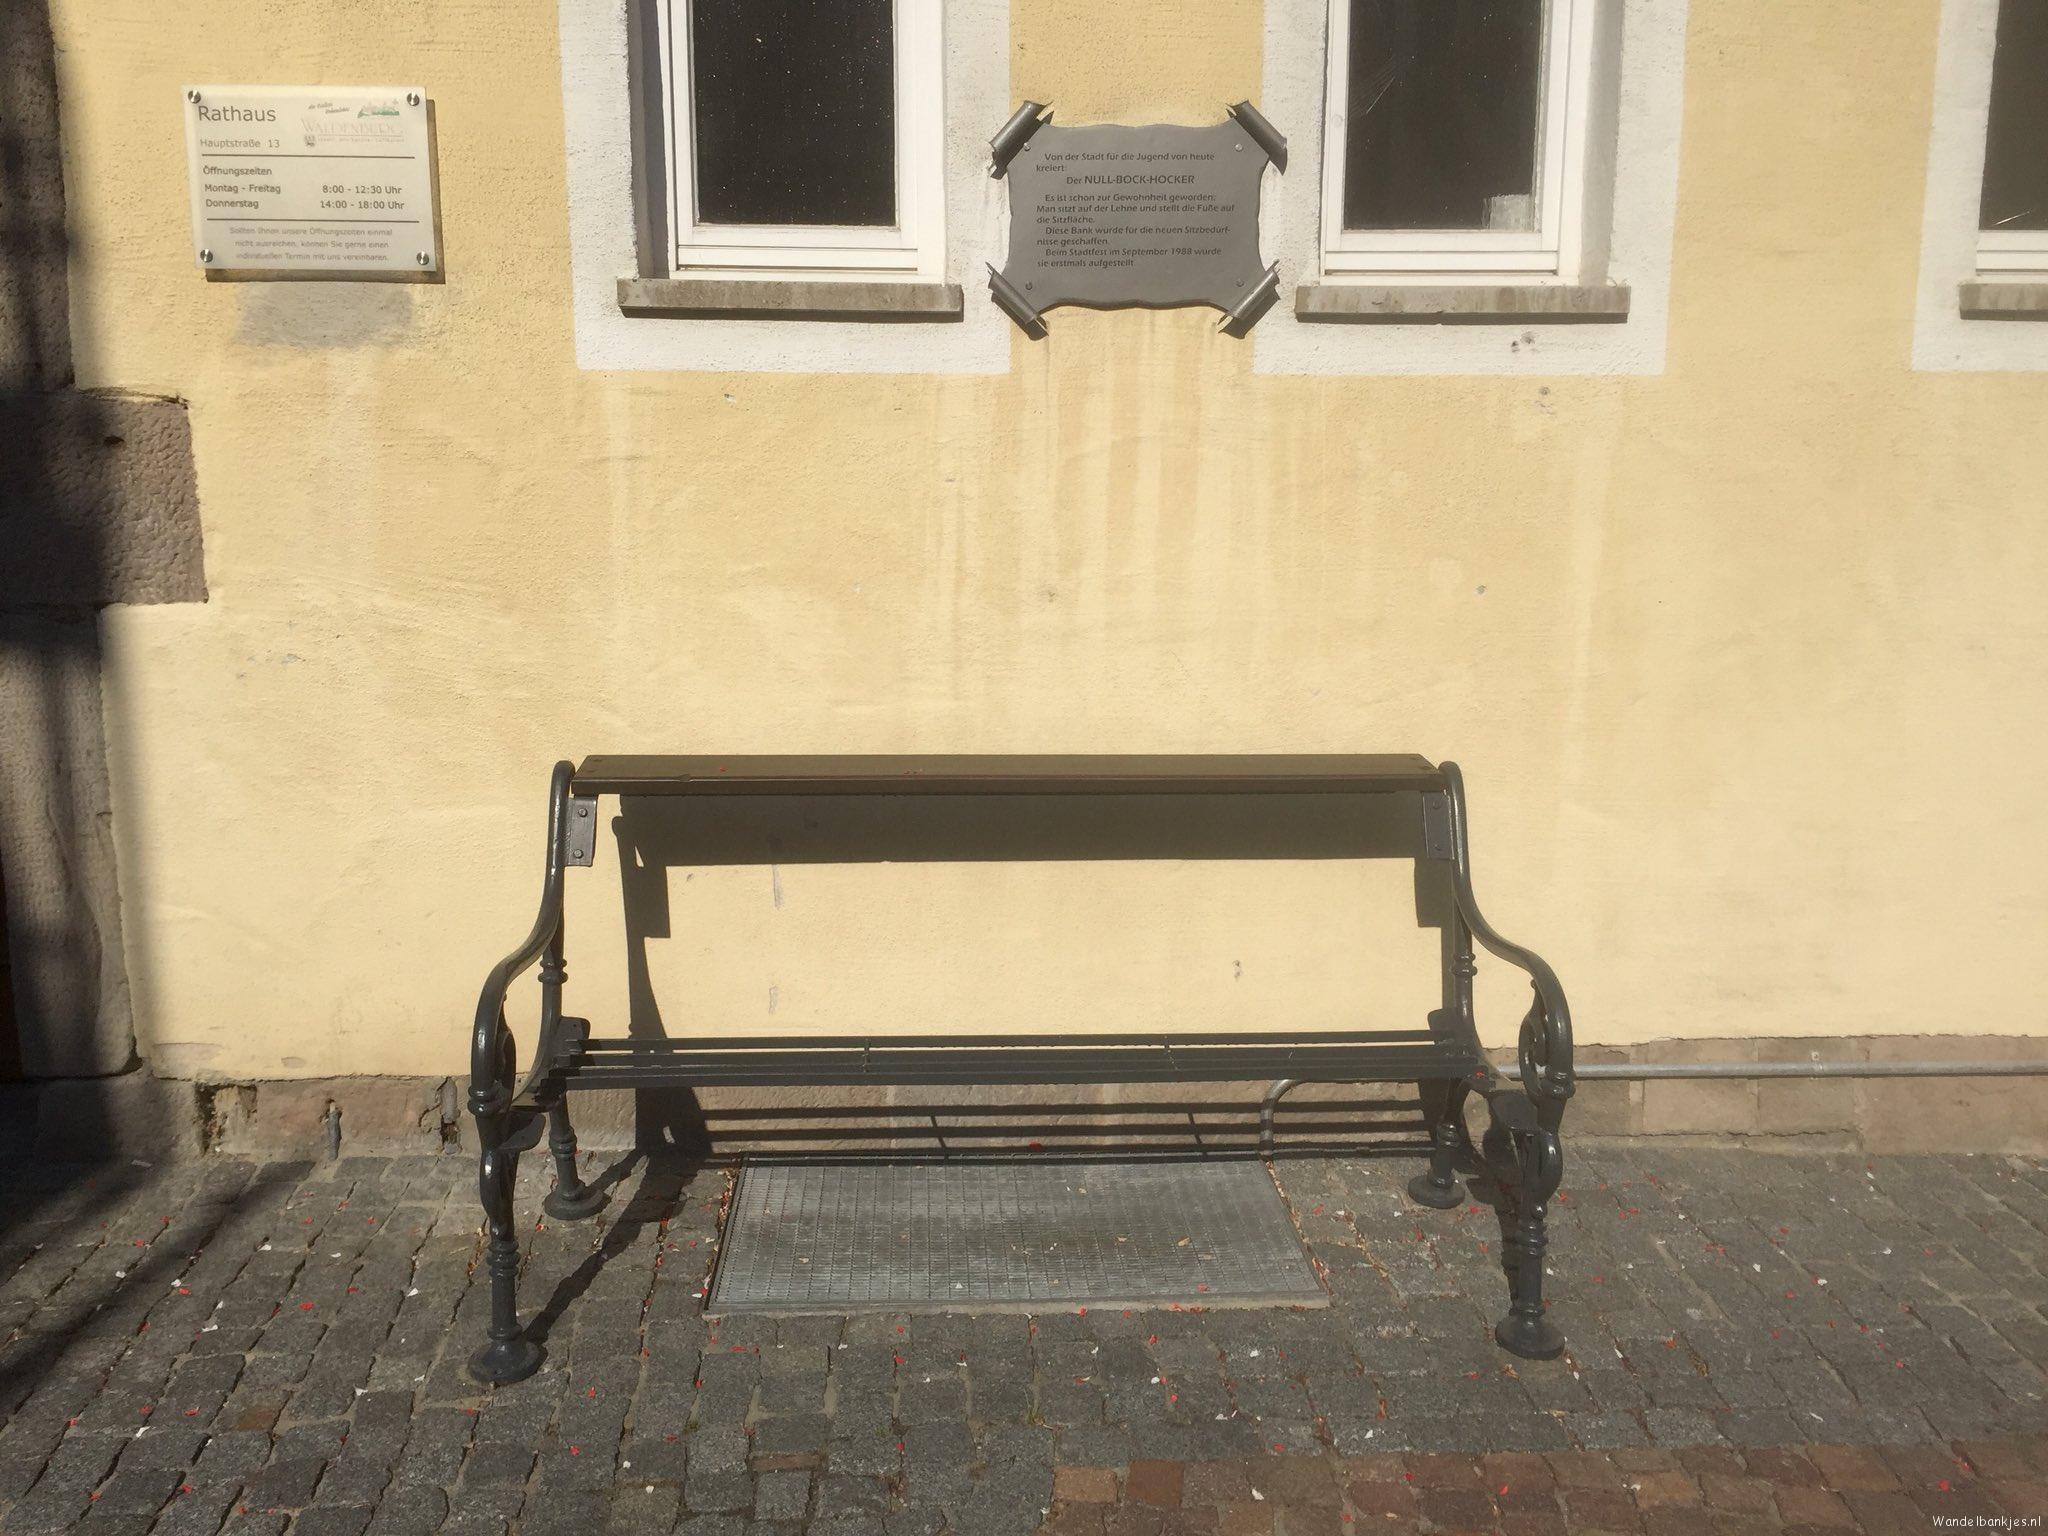 rt-gerritjhkuiper-een-bijzonder-wandelbankjes-in-waldenburg-op-de-bovenste-plank-zitten-uitkomst-voor-de-jeugd-https-t-co-2tdt3j